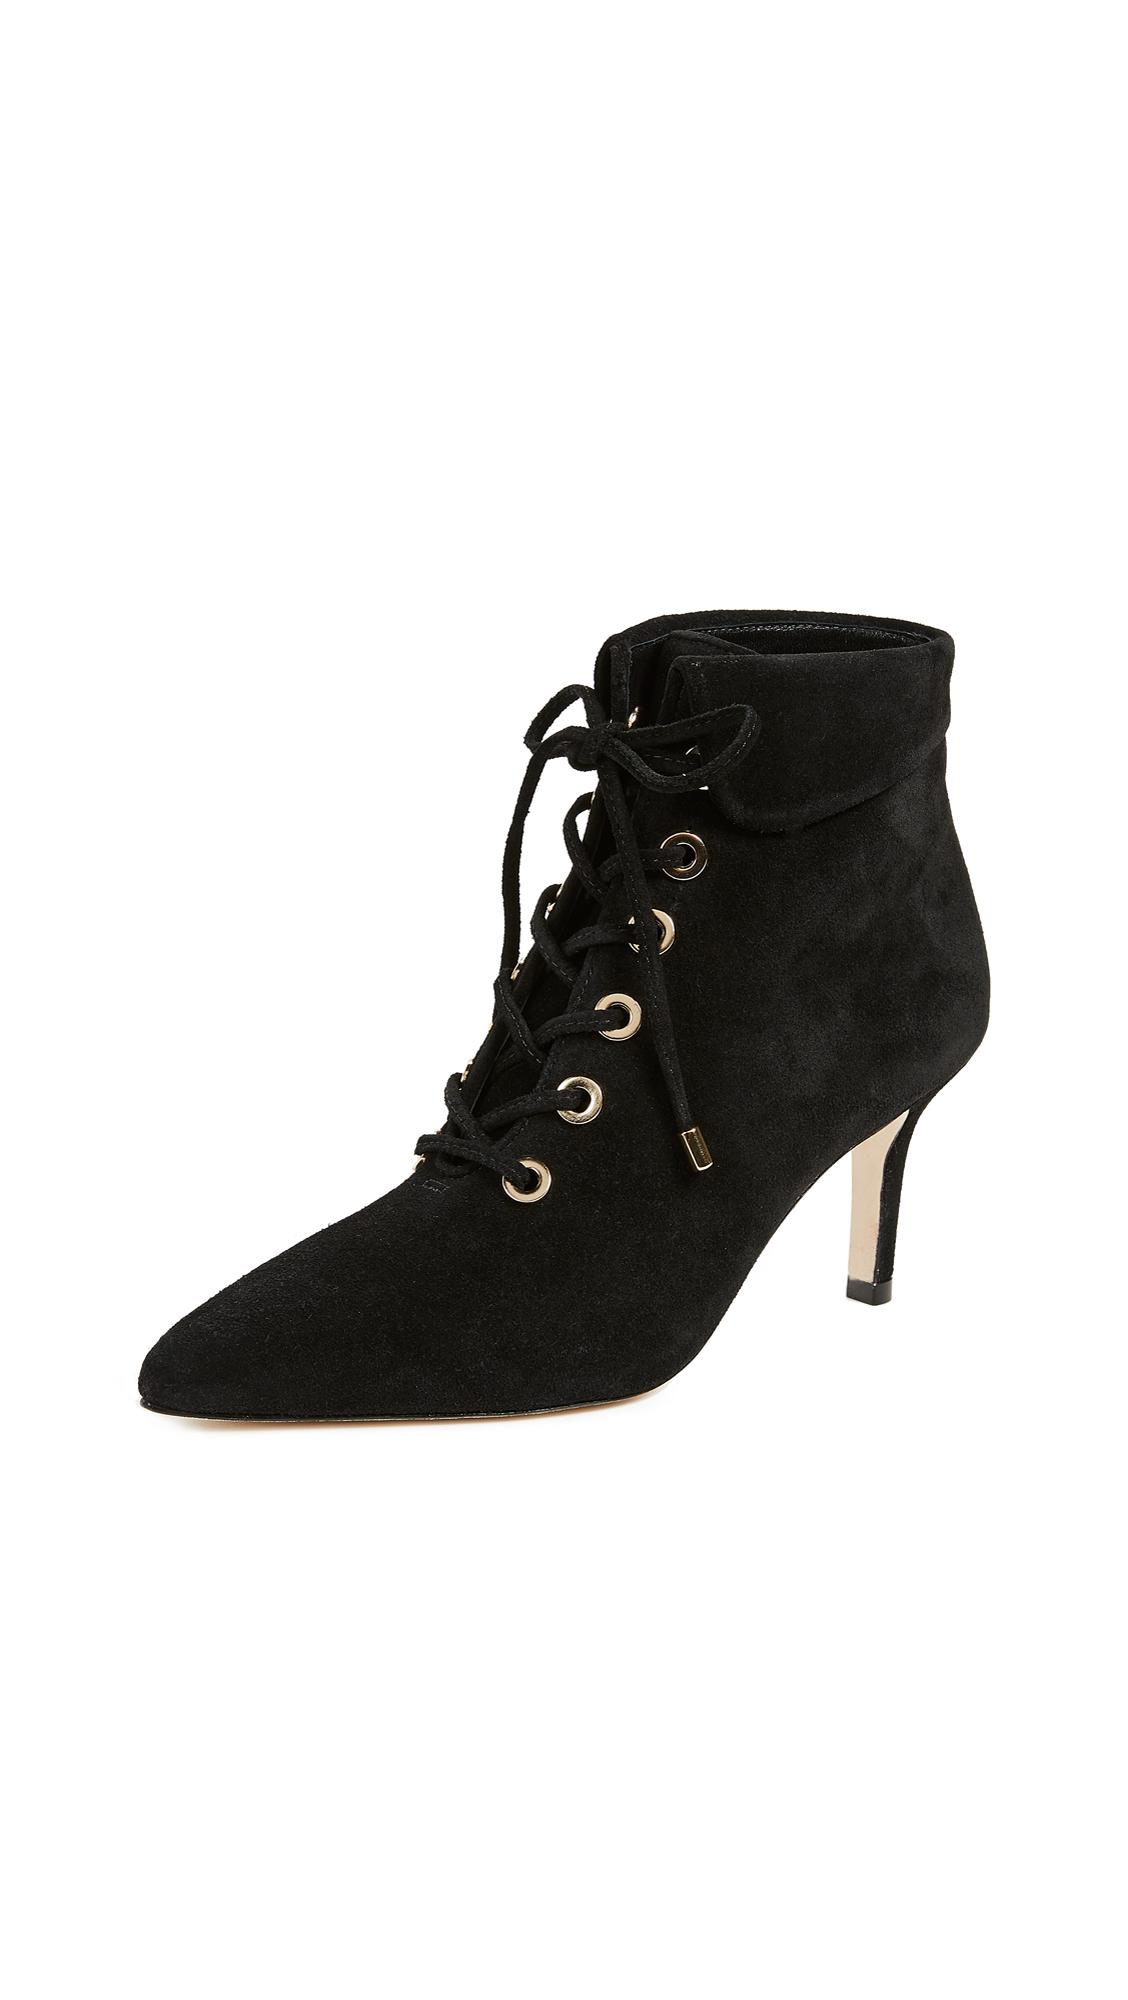 Ulla Johnson Reggie Boots - Noir